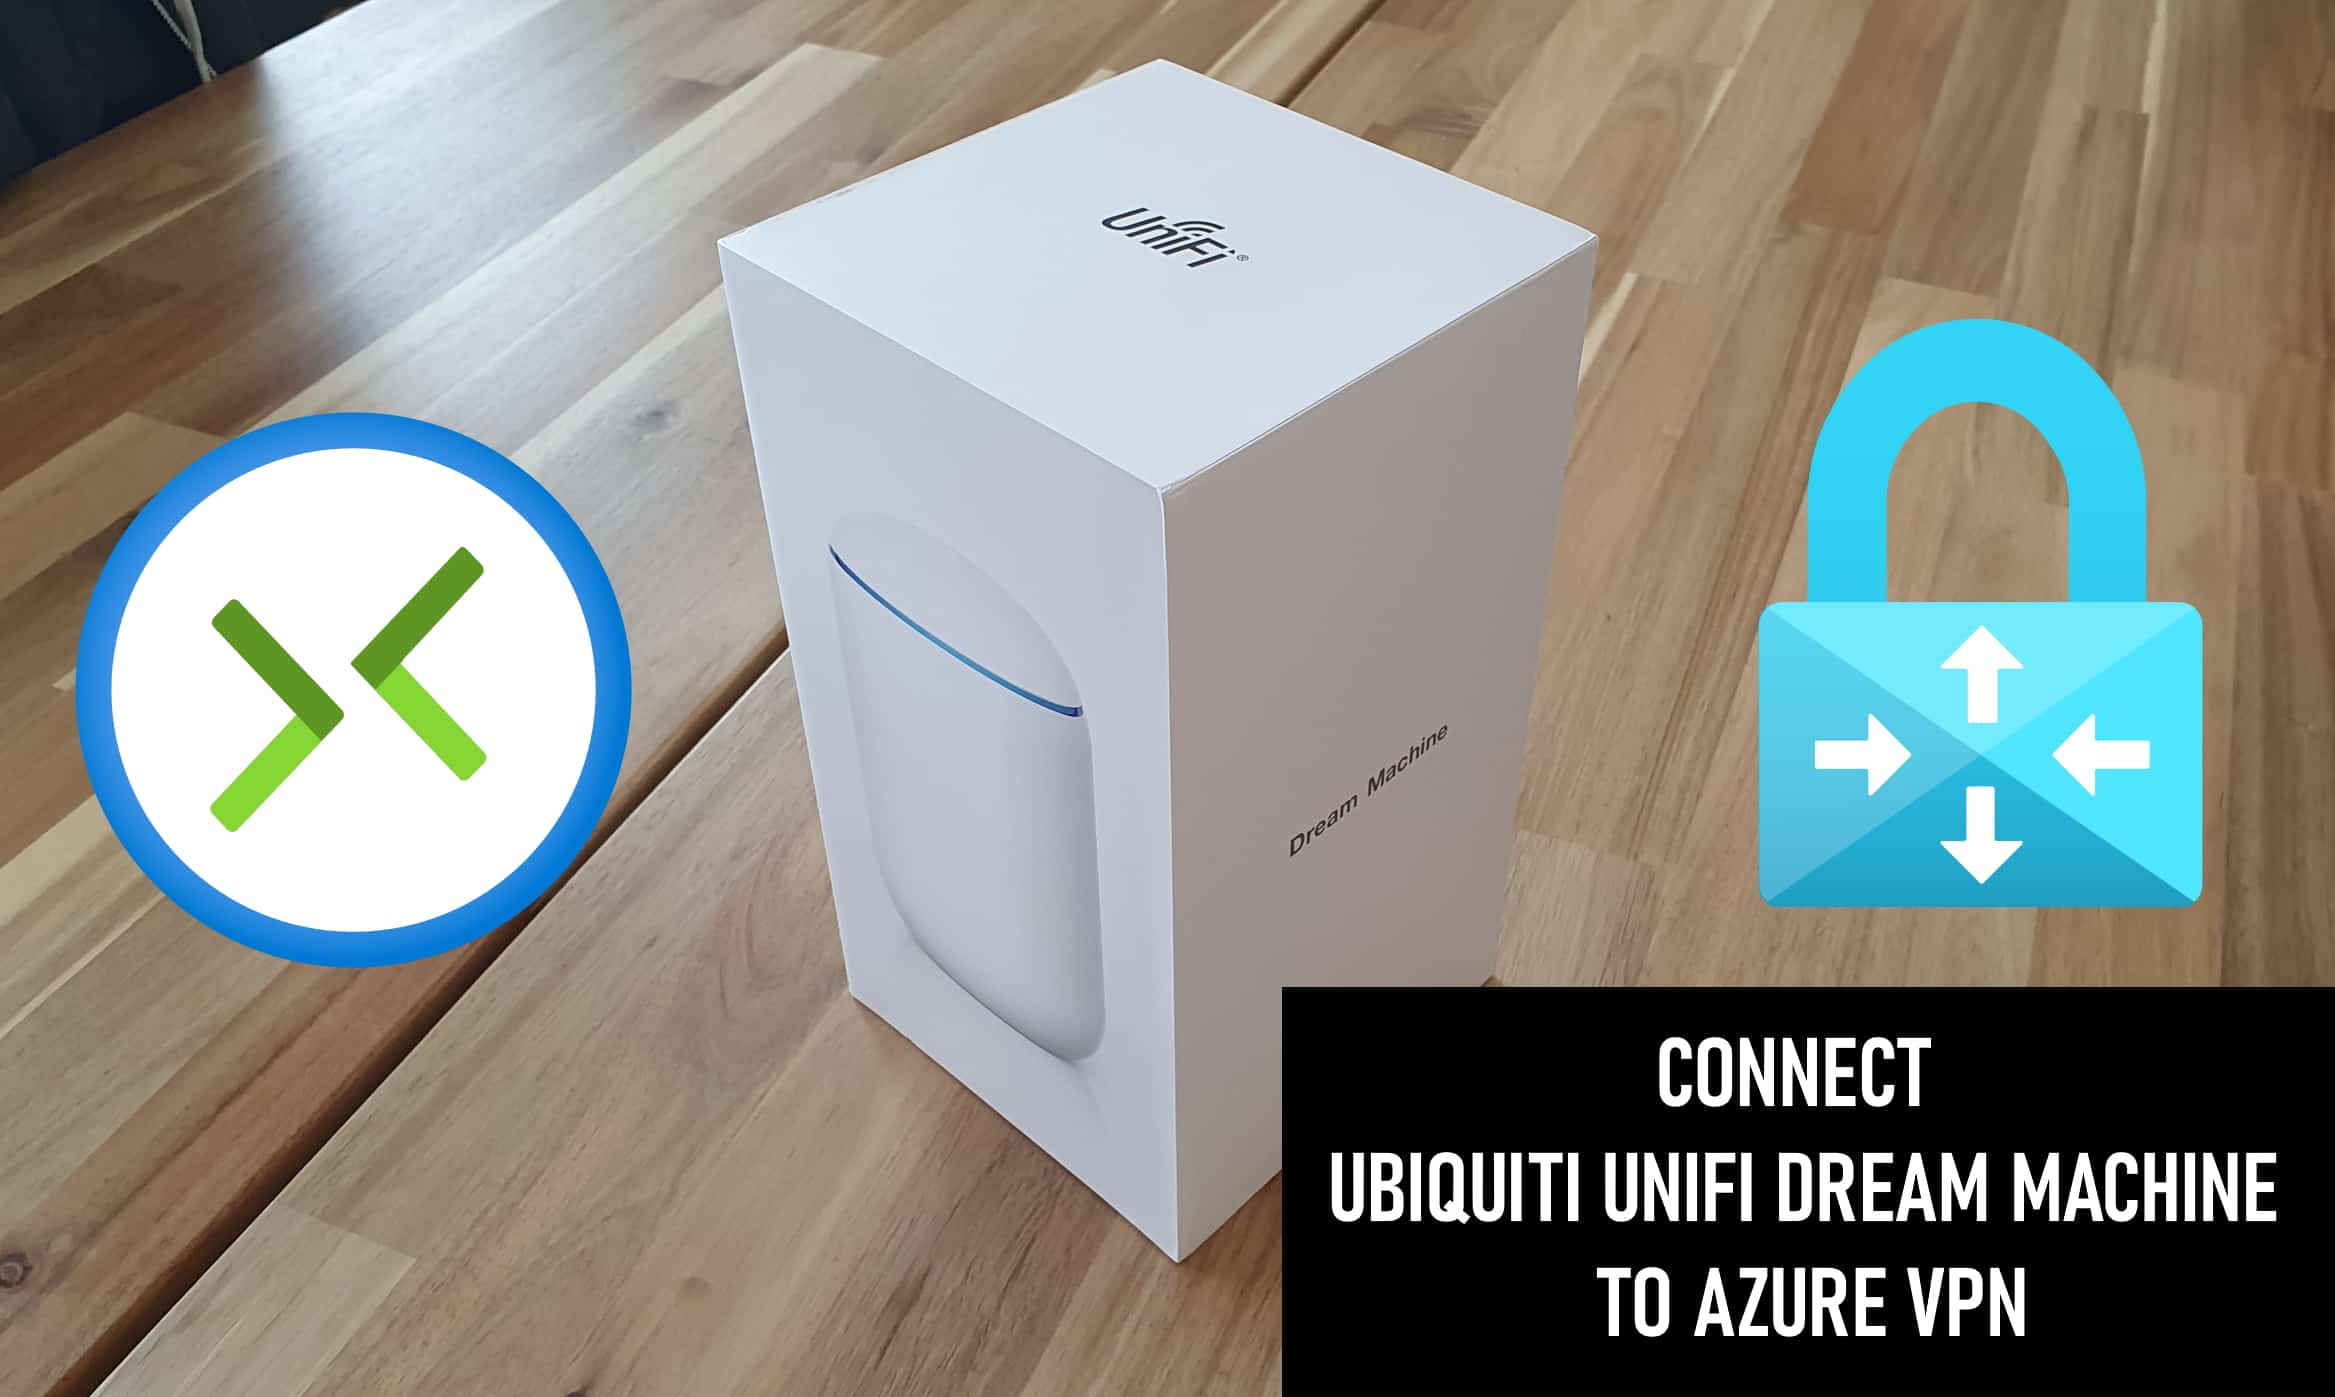 Connect Ubiquiti UniFi Dream Machine to Azure VPN